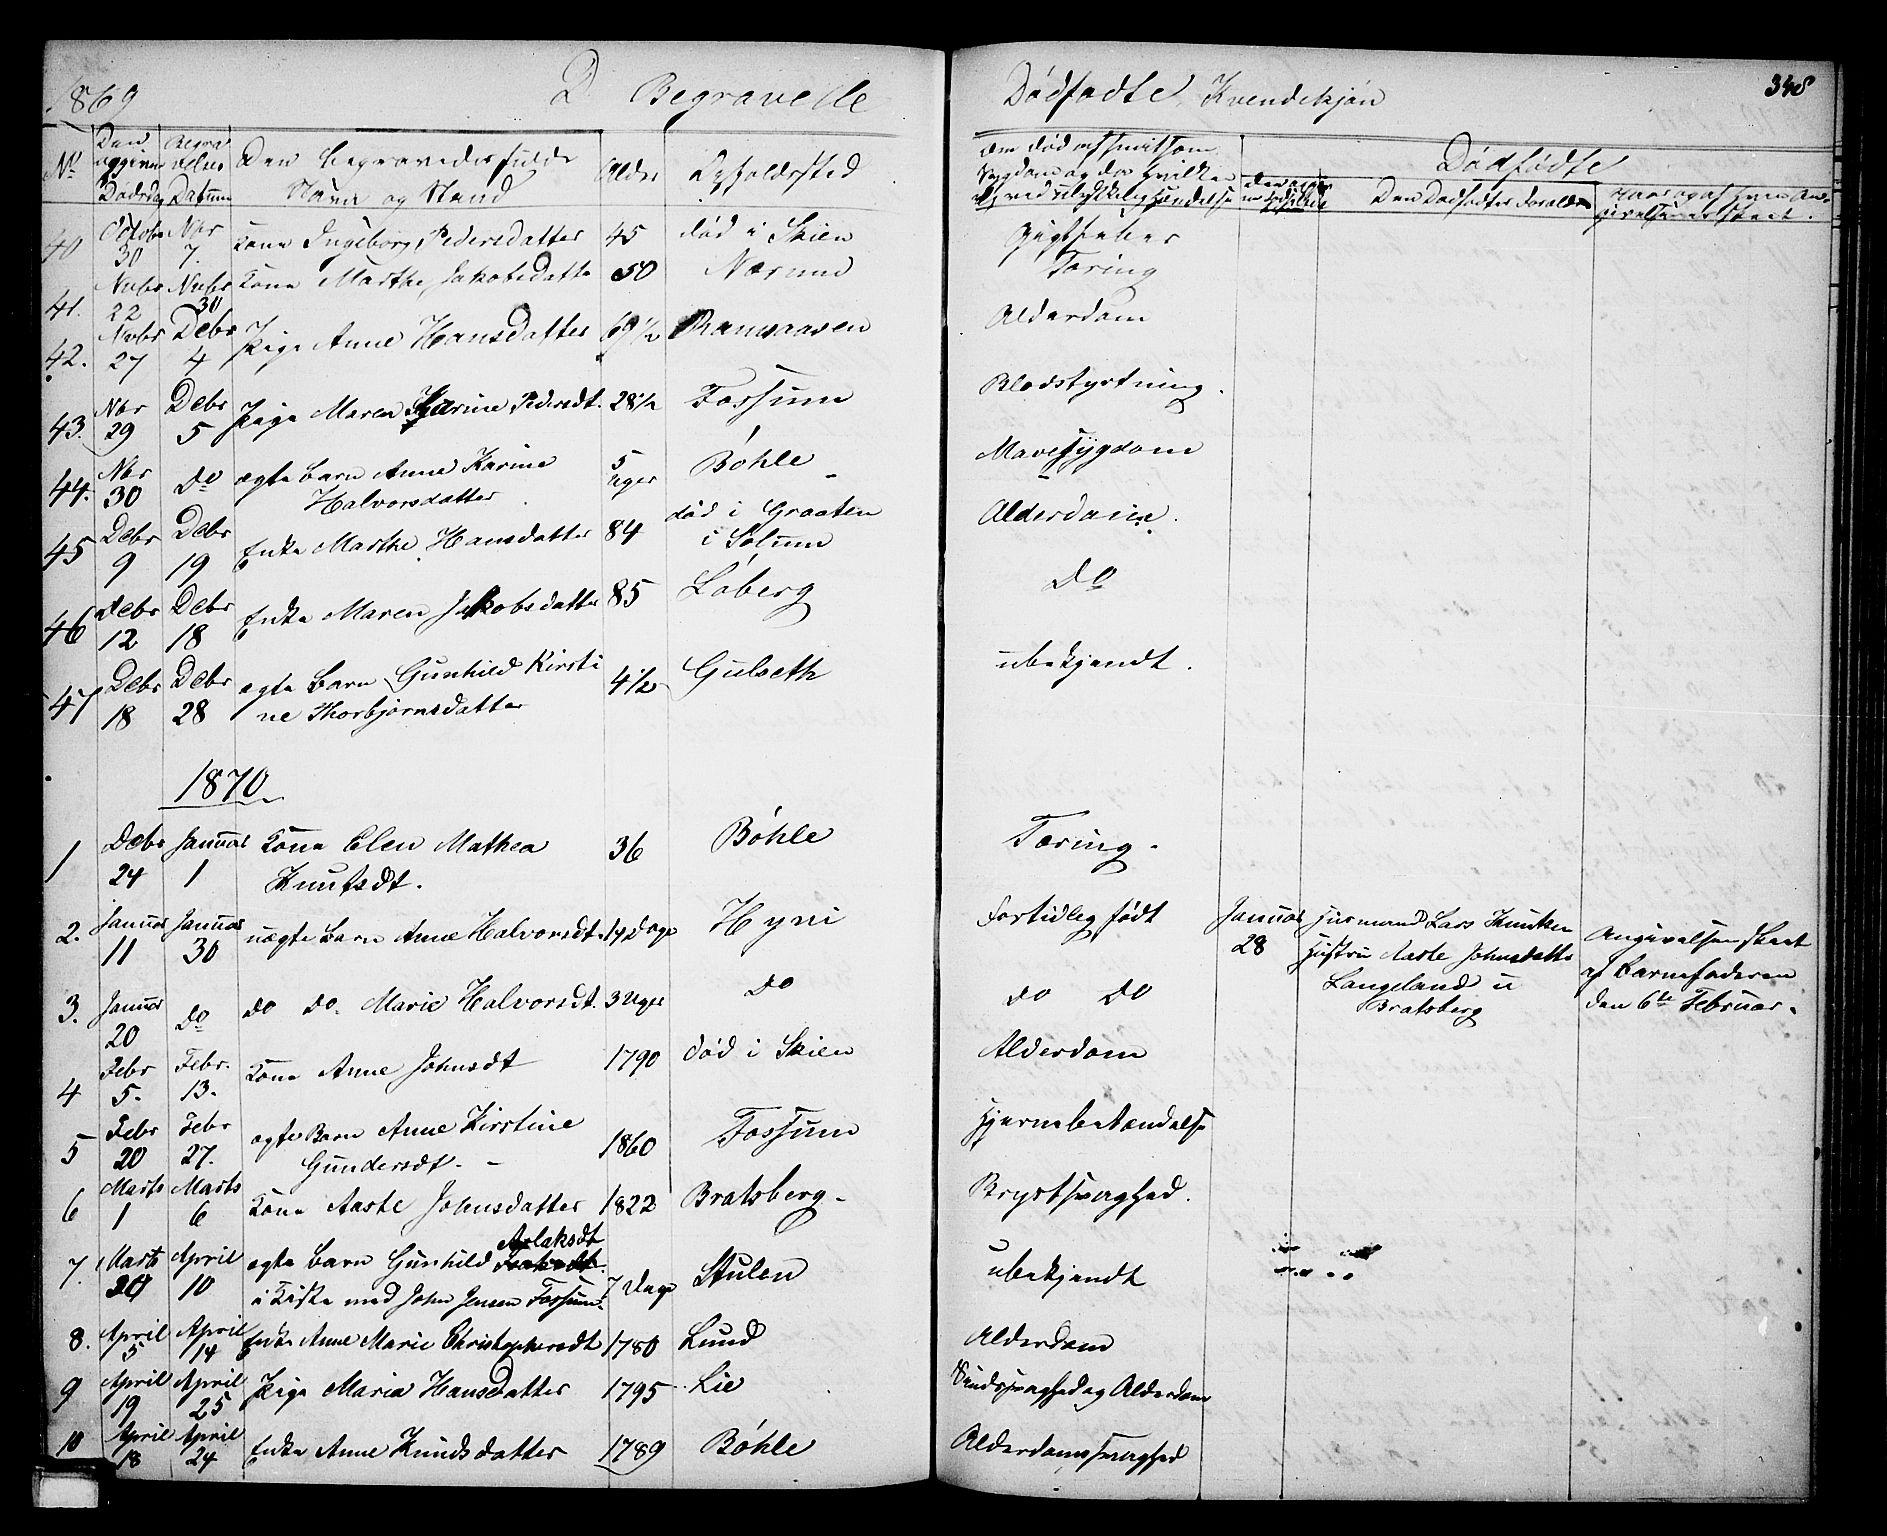 SAKO, Gjerpen kirkebøker, G/Ga/L0001: Klokkerbok nr. I 1, 1864-1882, s. 348